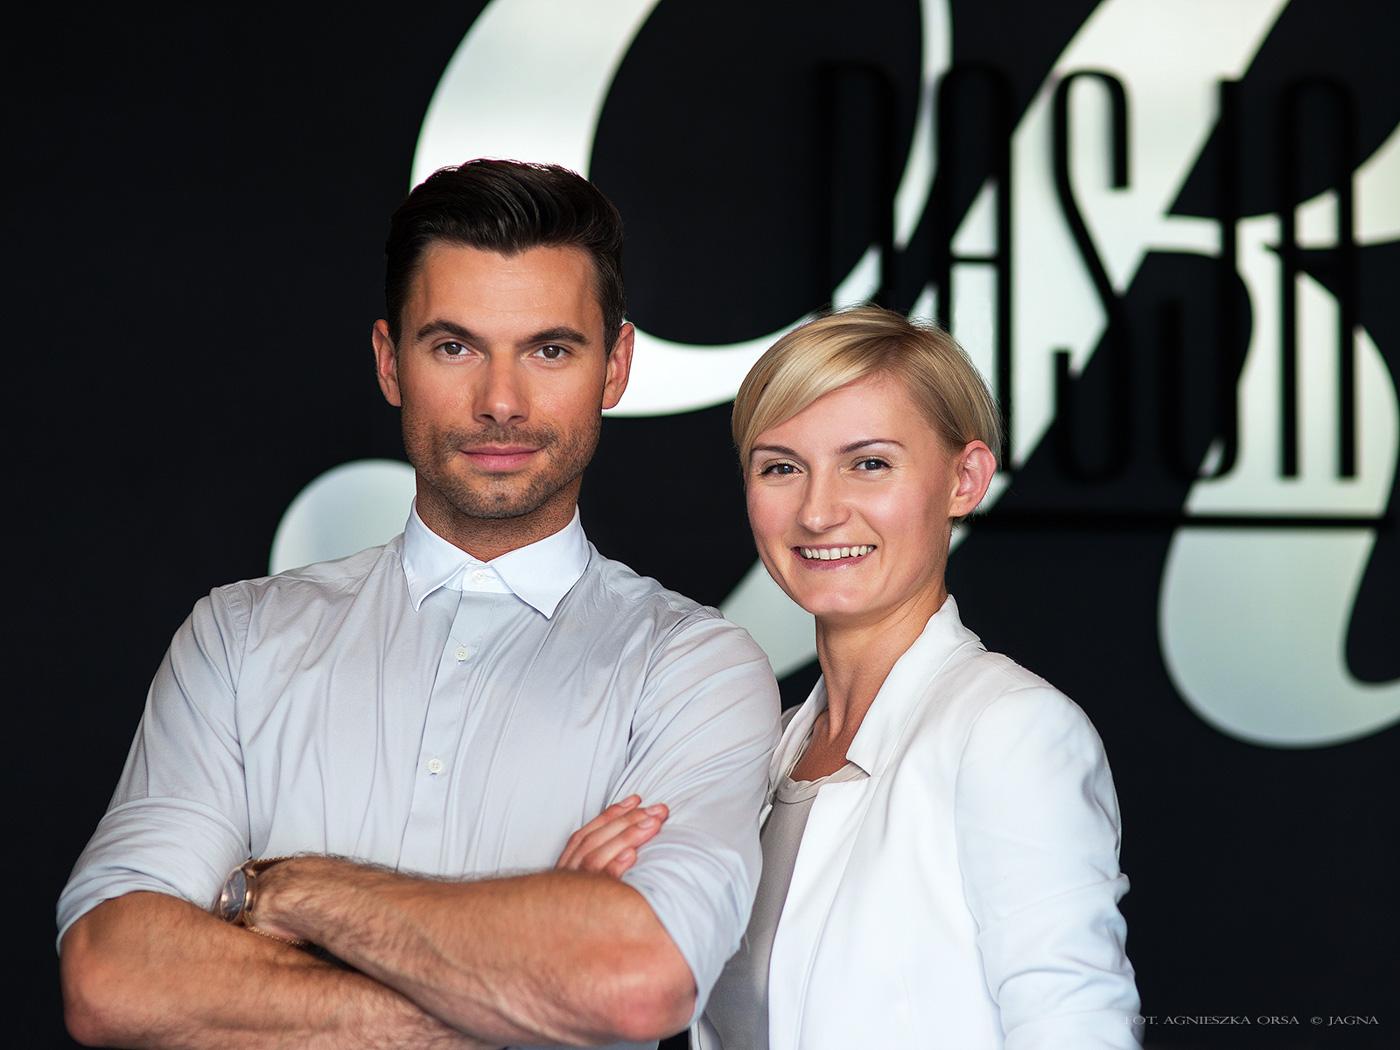 Robert Rowiński i Wioleta Wojciechowicz na otwarcie